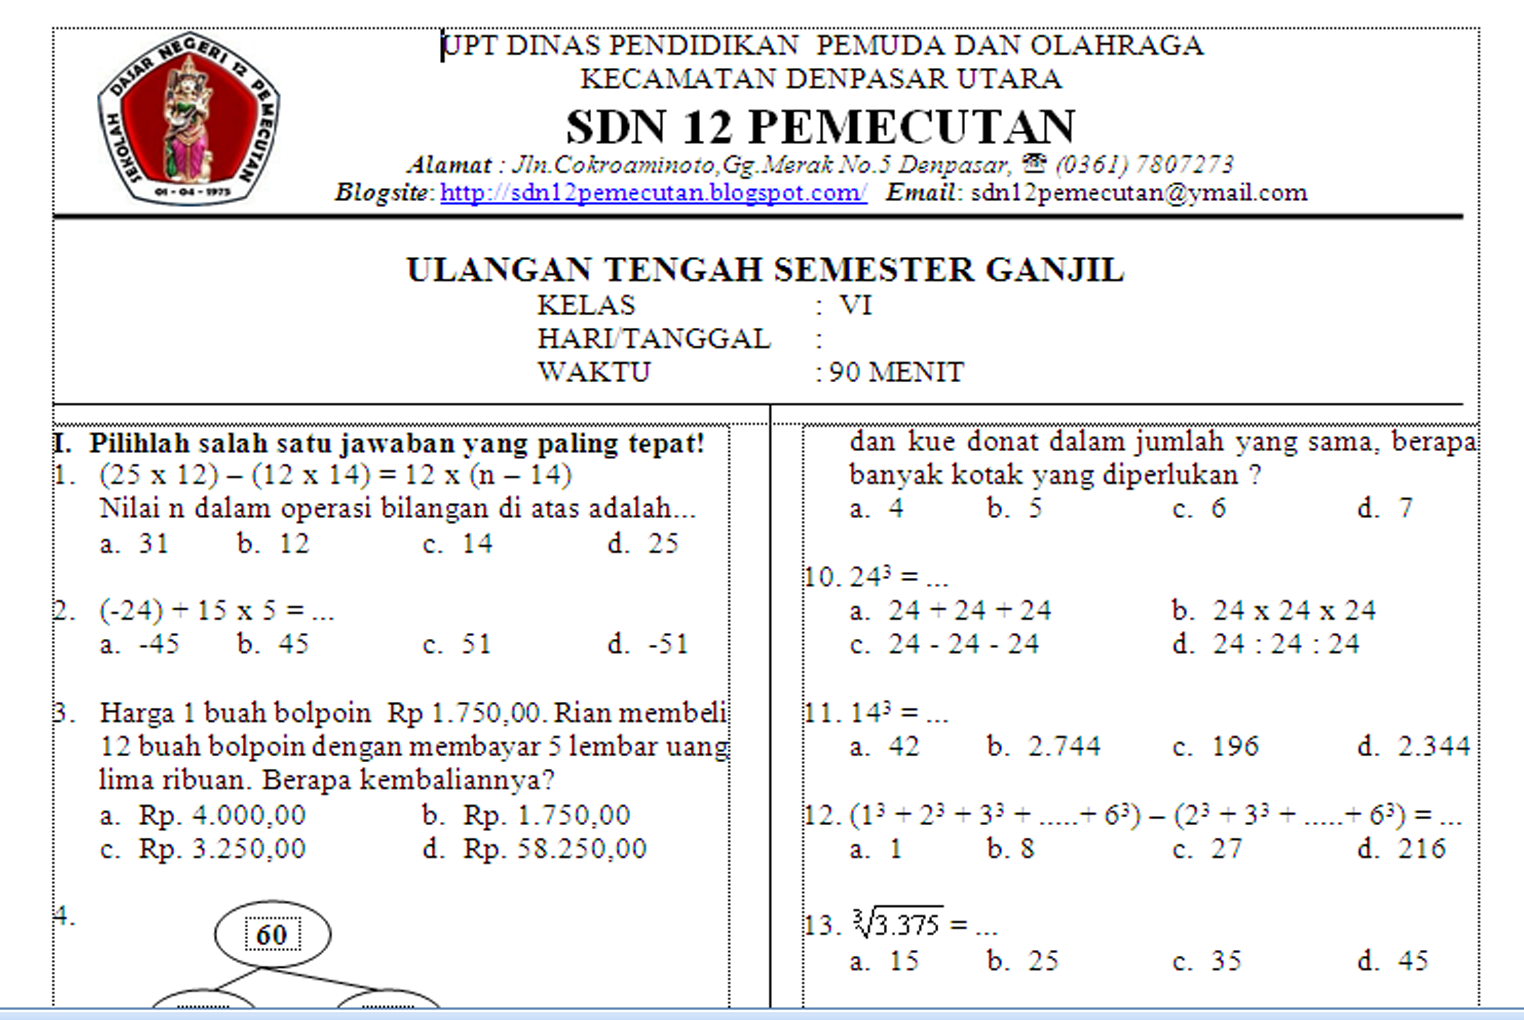 Soal Siswa Berprestasi Bahasa Indonesia Sd Prediksi Soal Ujian Nasional Un Sd 2011 2012 Tengah Semester Uts Matematika Sd Kelas 6 Soal Download Disini